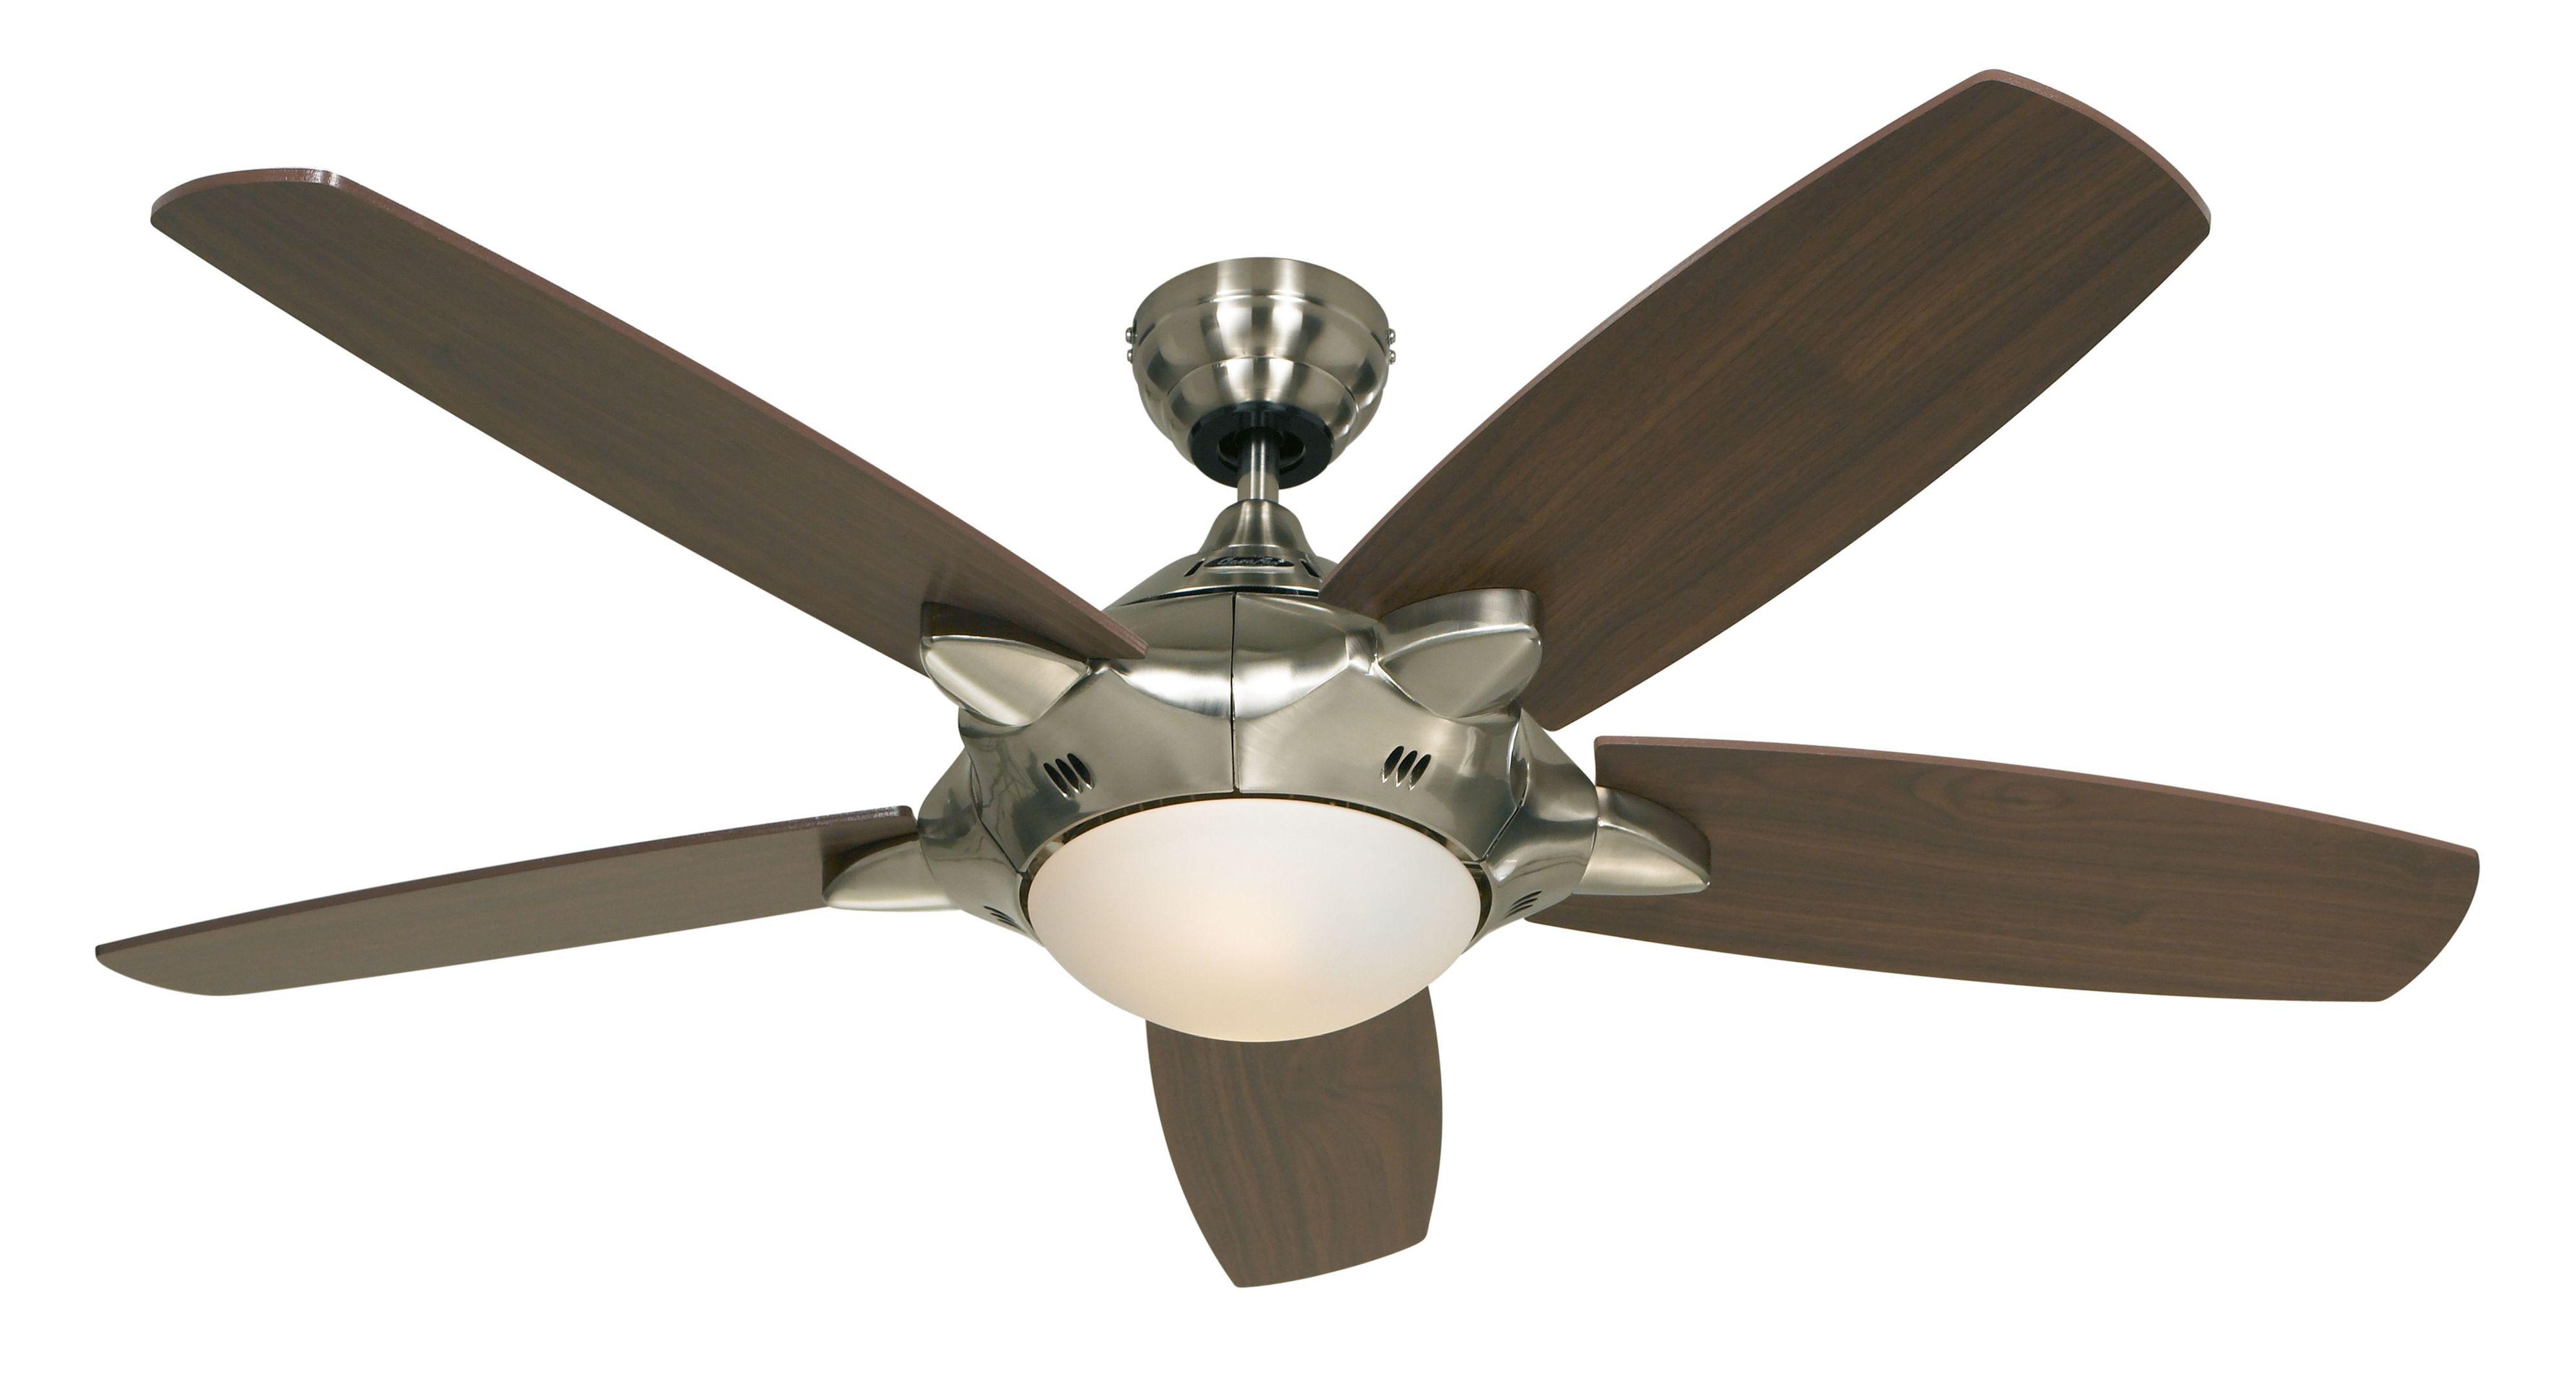 Ventilateur de plafond MERCURY 132 cm avec lumière